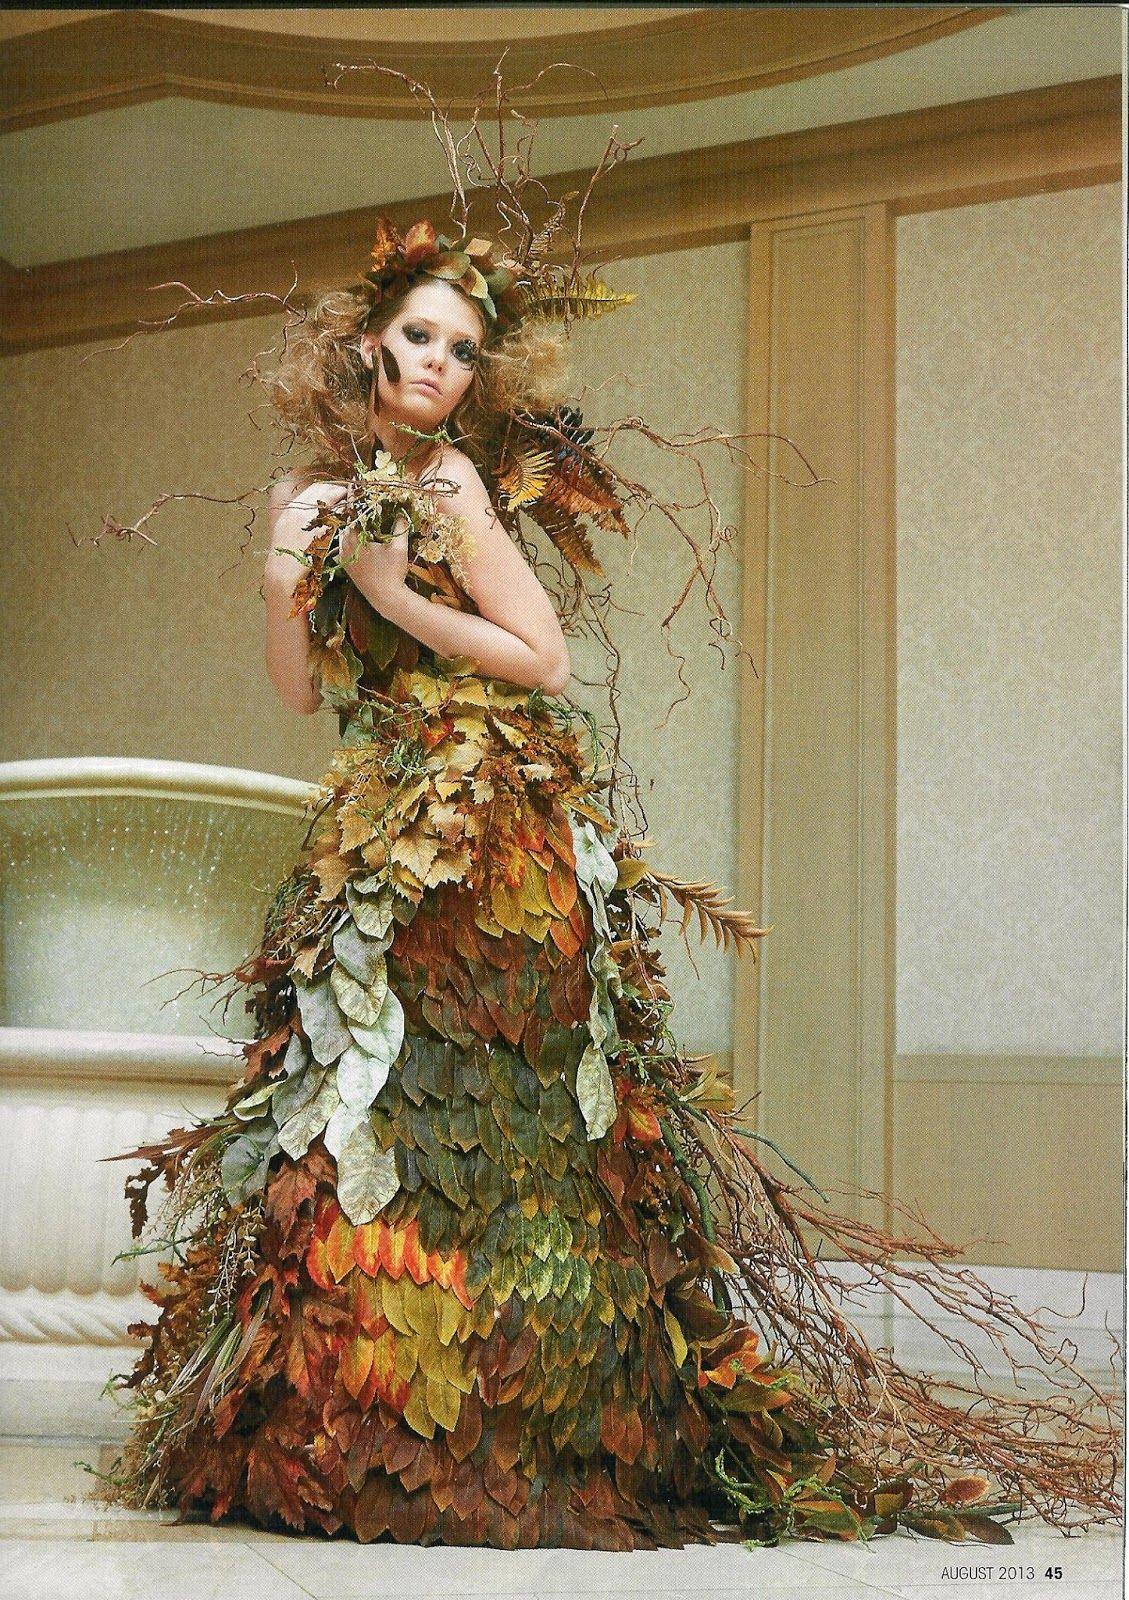 FloralVêtements Robe FloralVêtements Robes VégétaleGateauxamp; VégétaleGateauxamp; Bijoux Robe Robes Bijoux nNP80XwOk